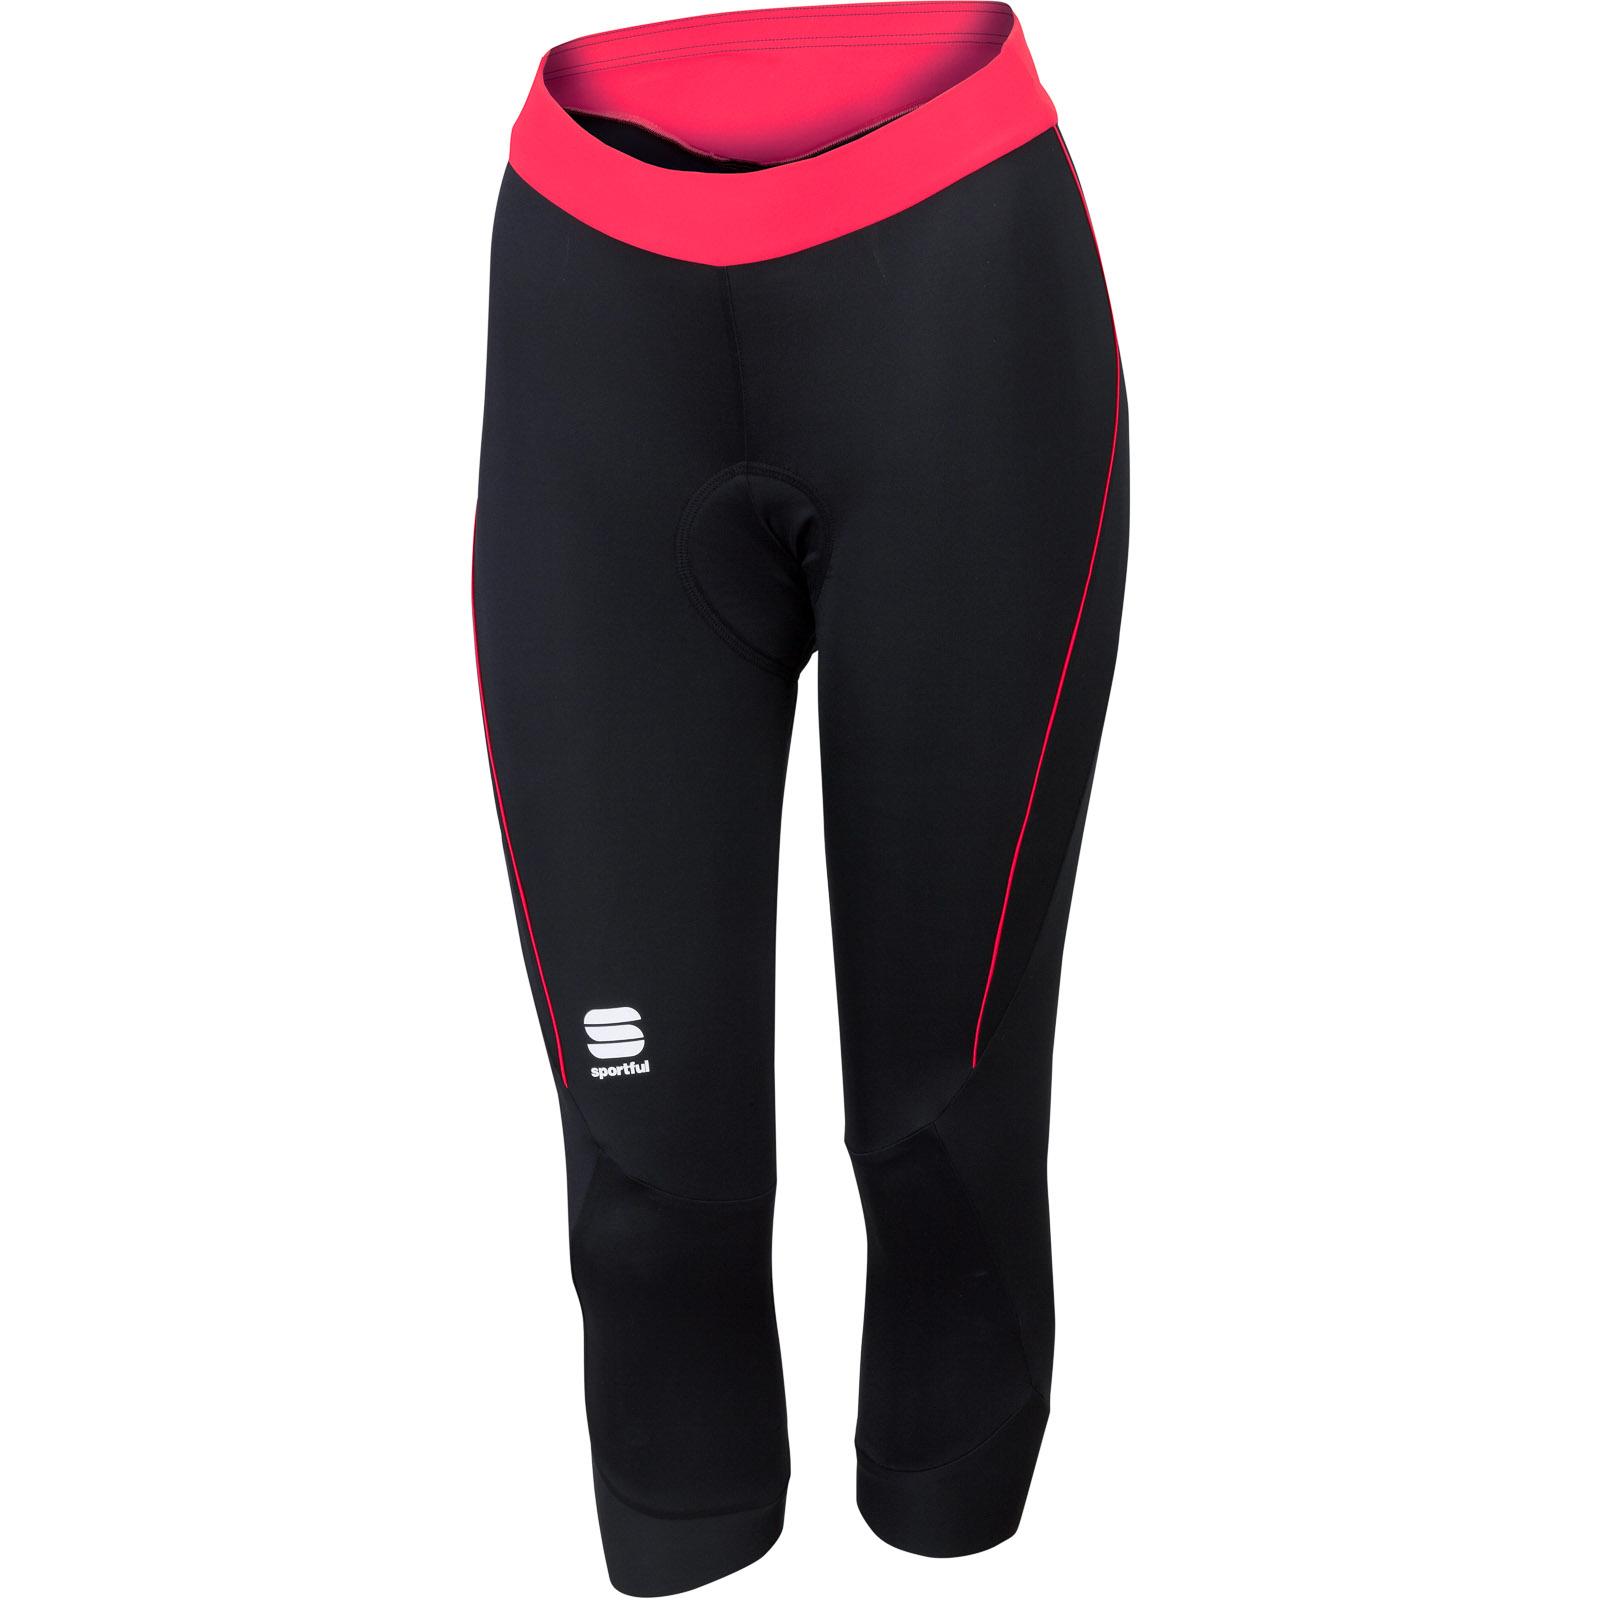 1385a9896ebdd Sportful Giro dámske 3/4 cyklo nohavice čierne/ružové